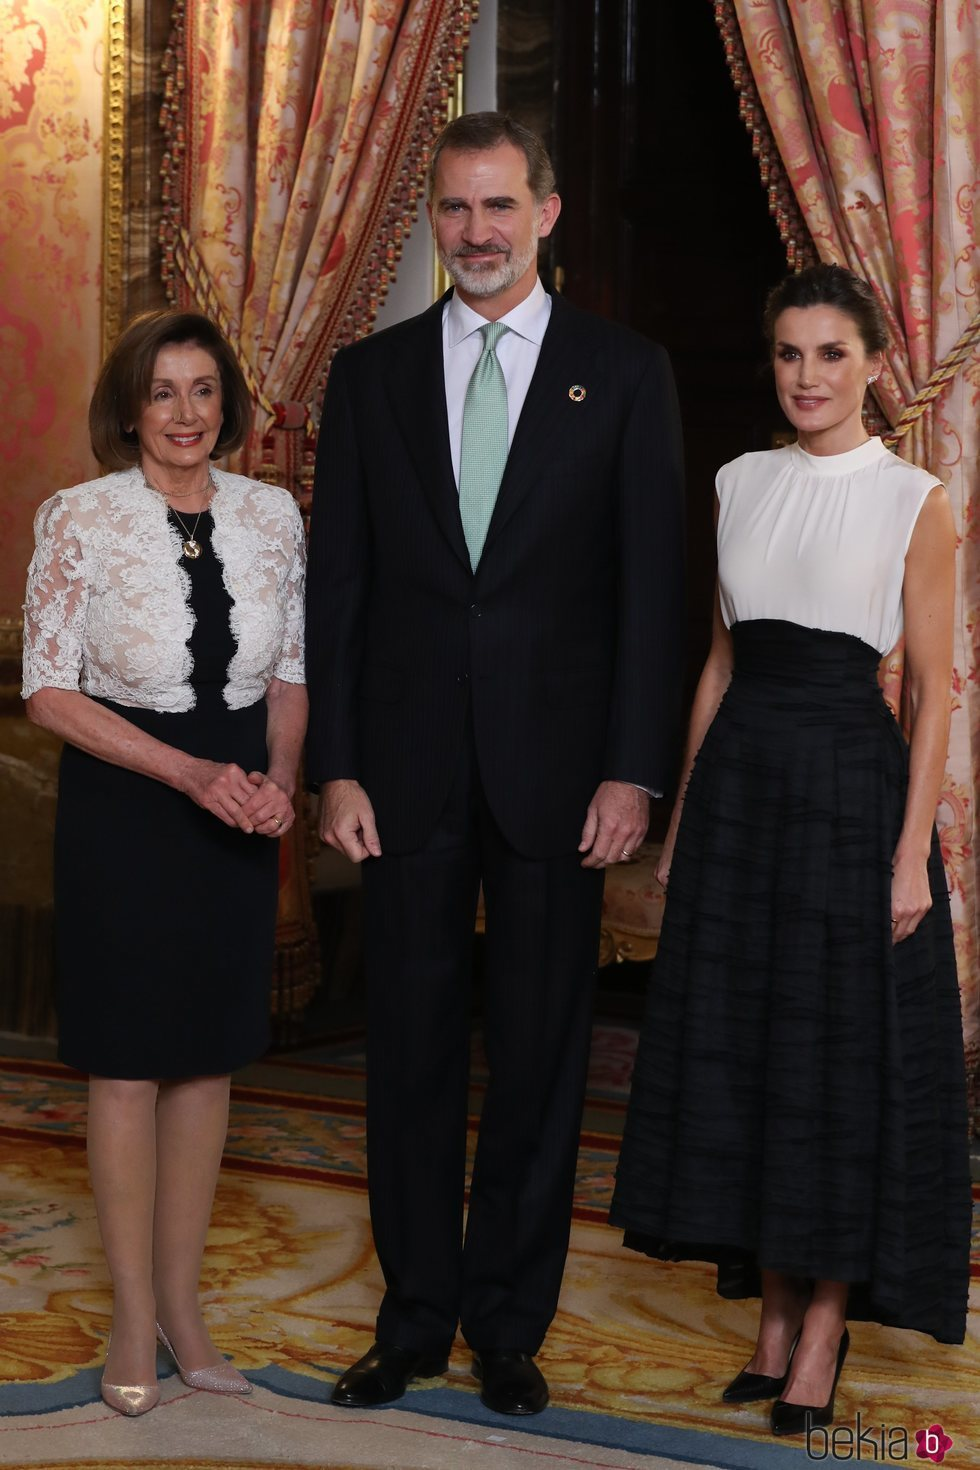 Los Reyes Felipe y Letizia con Nancy Pelosi en la recepción por la Conferencia sobre el Cambio Climático